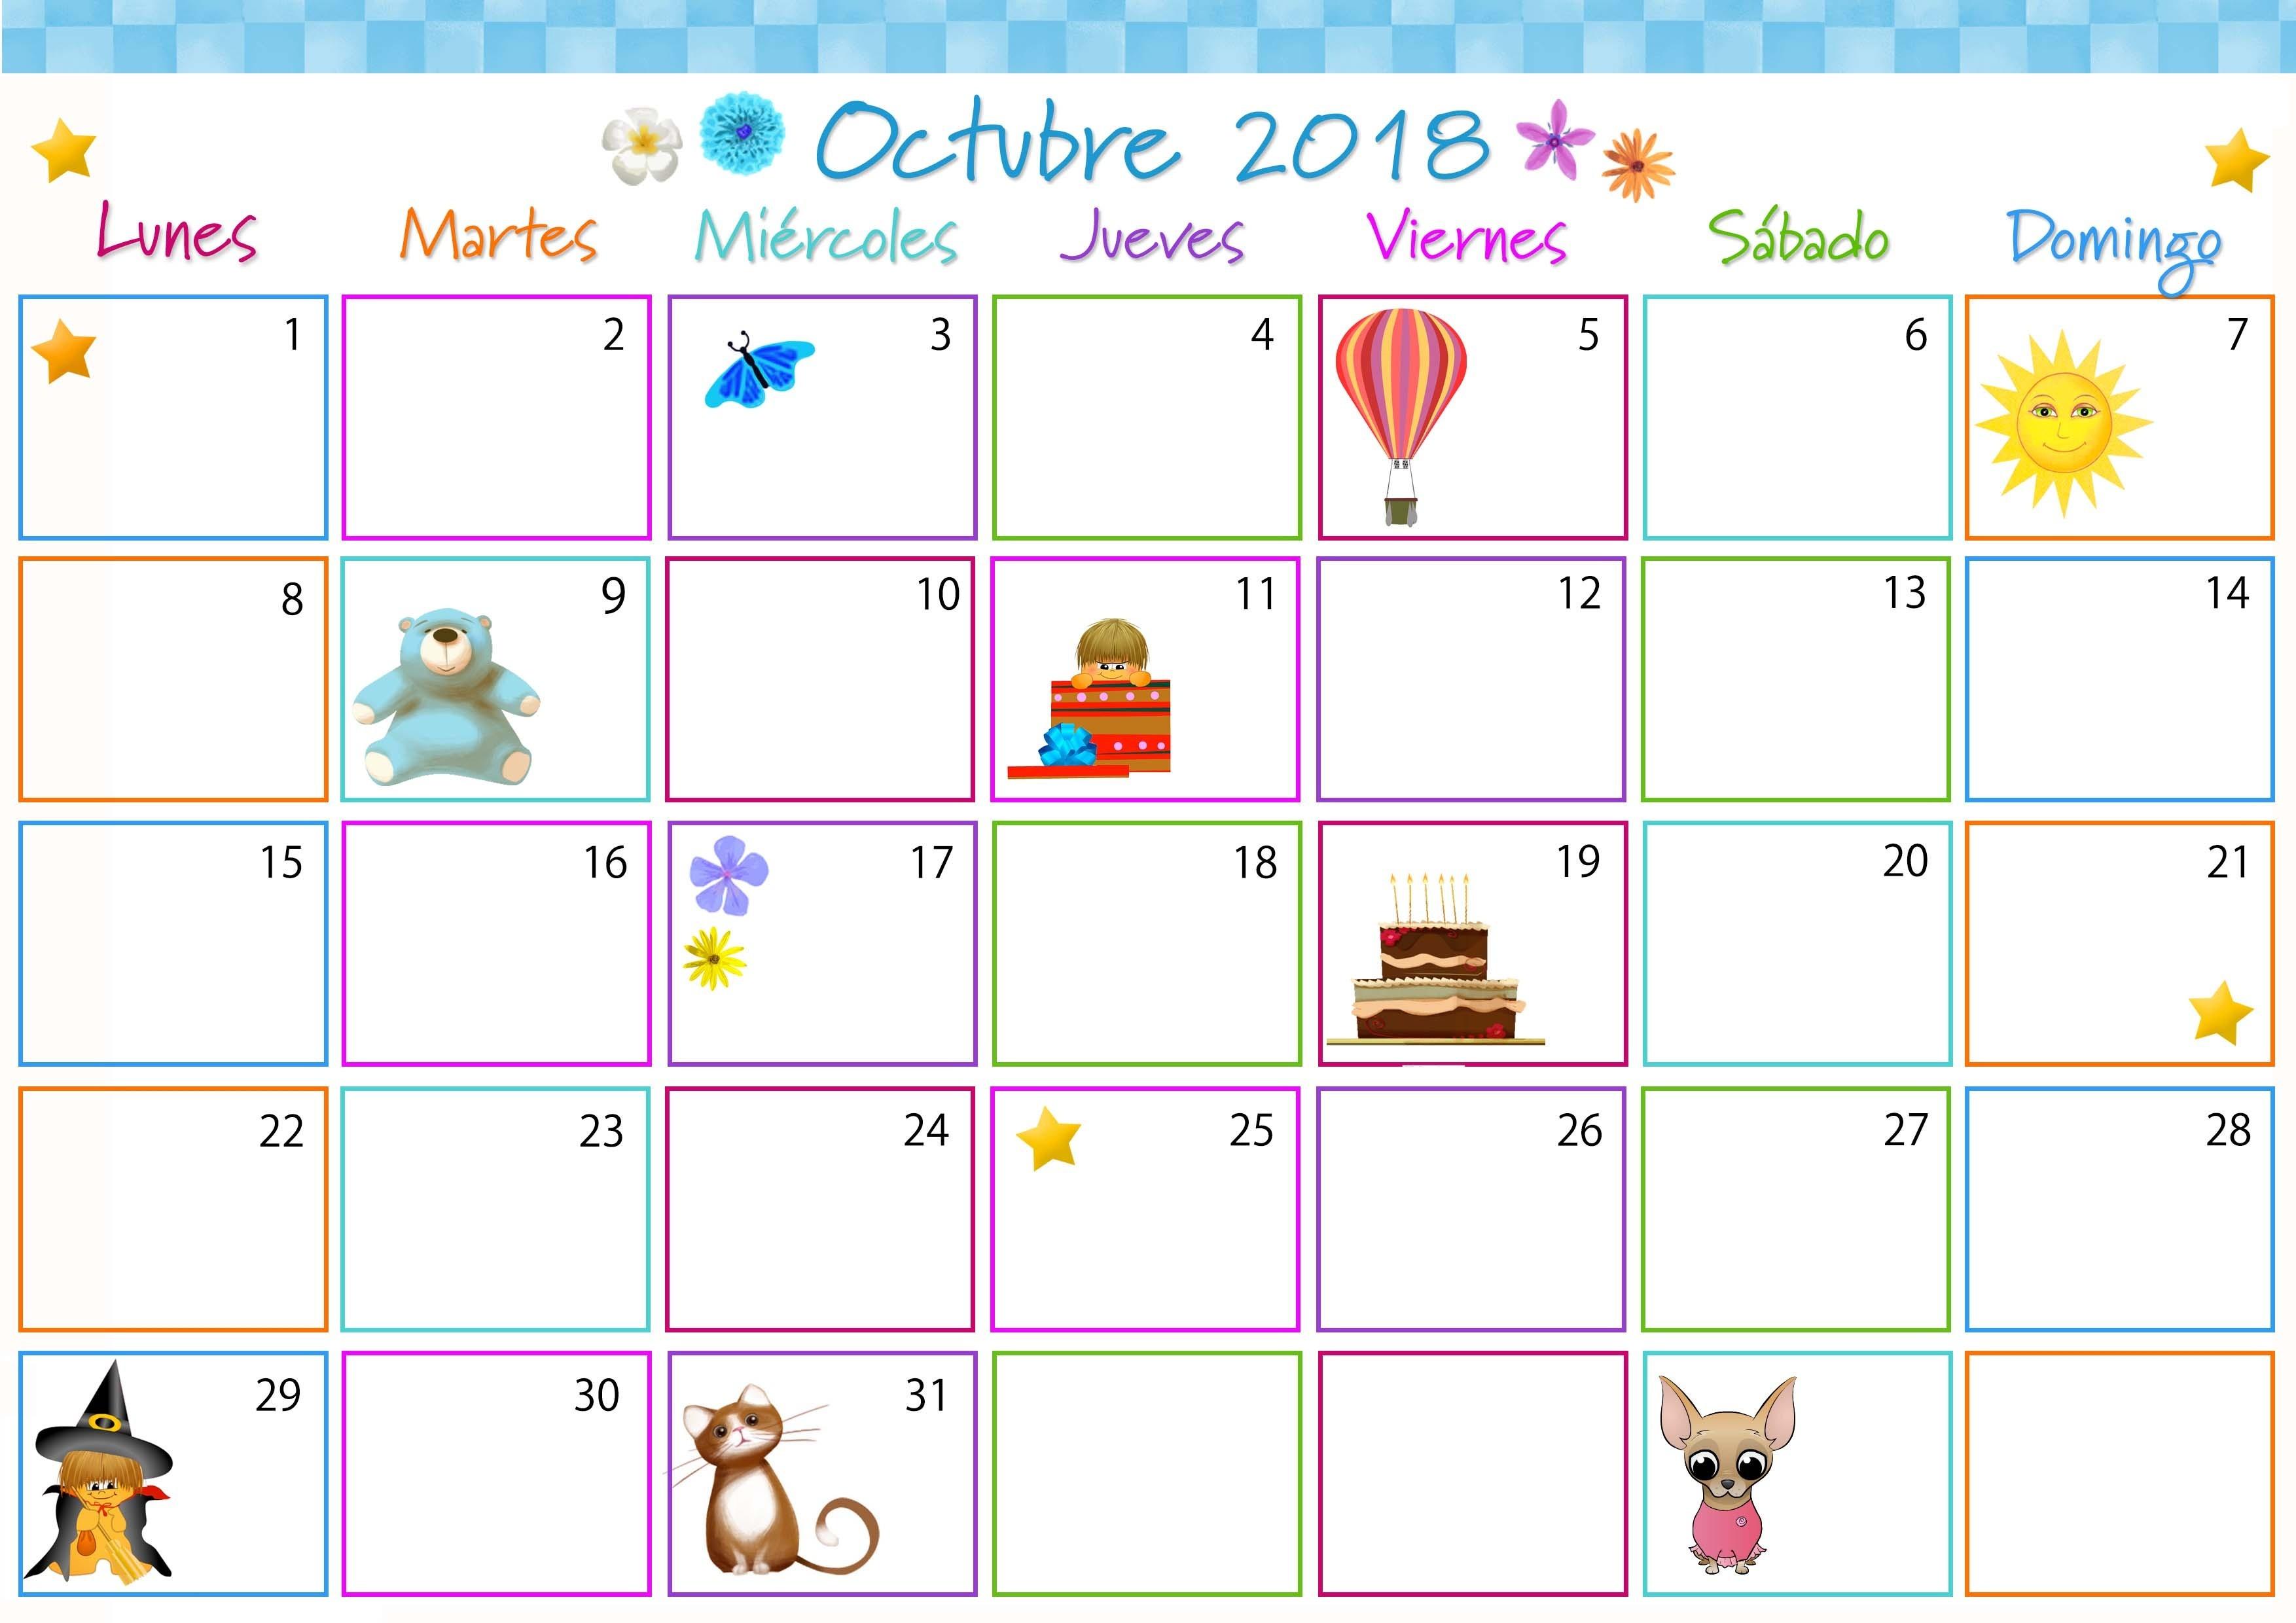 Octubre Calendario 2018 Colombia Calendario Octubre 2018 Calendario octubre 2017 para imprimir